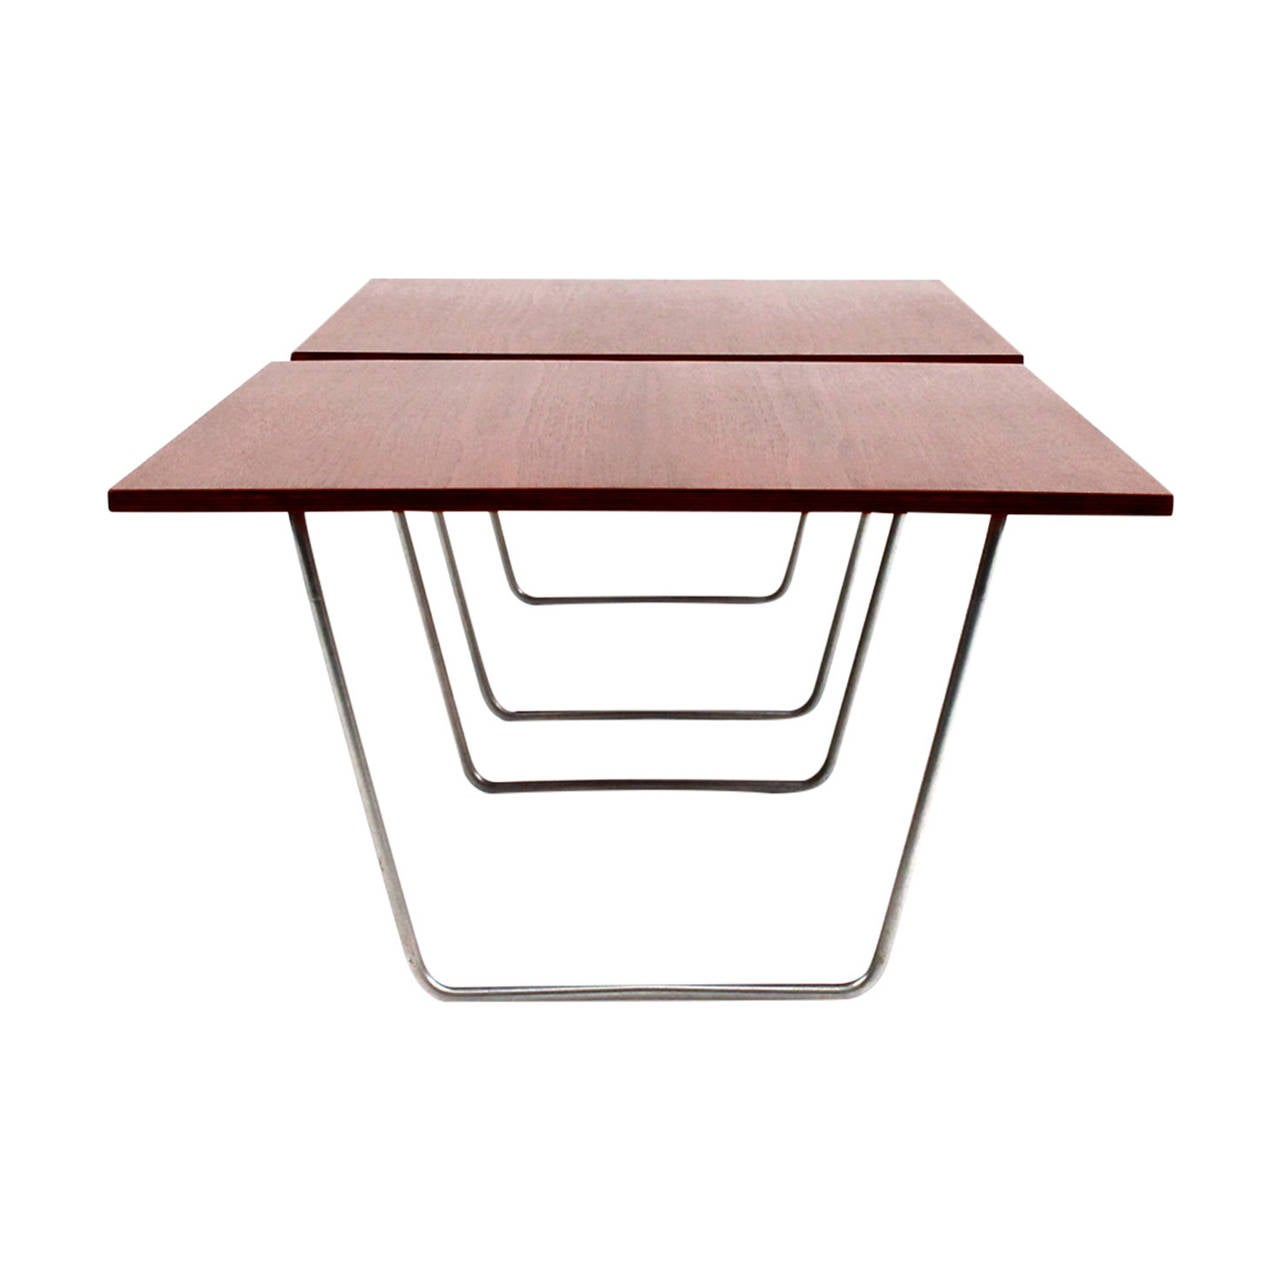 pair of teak bachelor tables by verner panton at 1stdibs. Black Bedroom Furniture Sets. Home Design Ideas